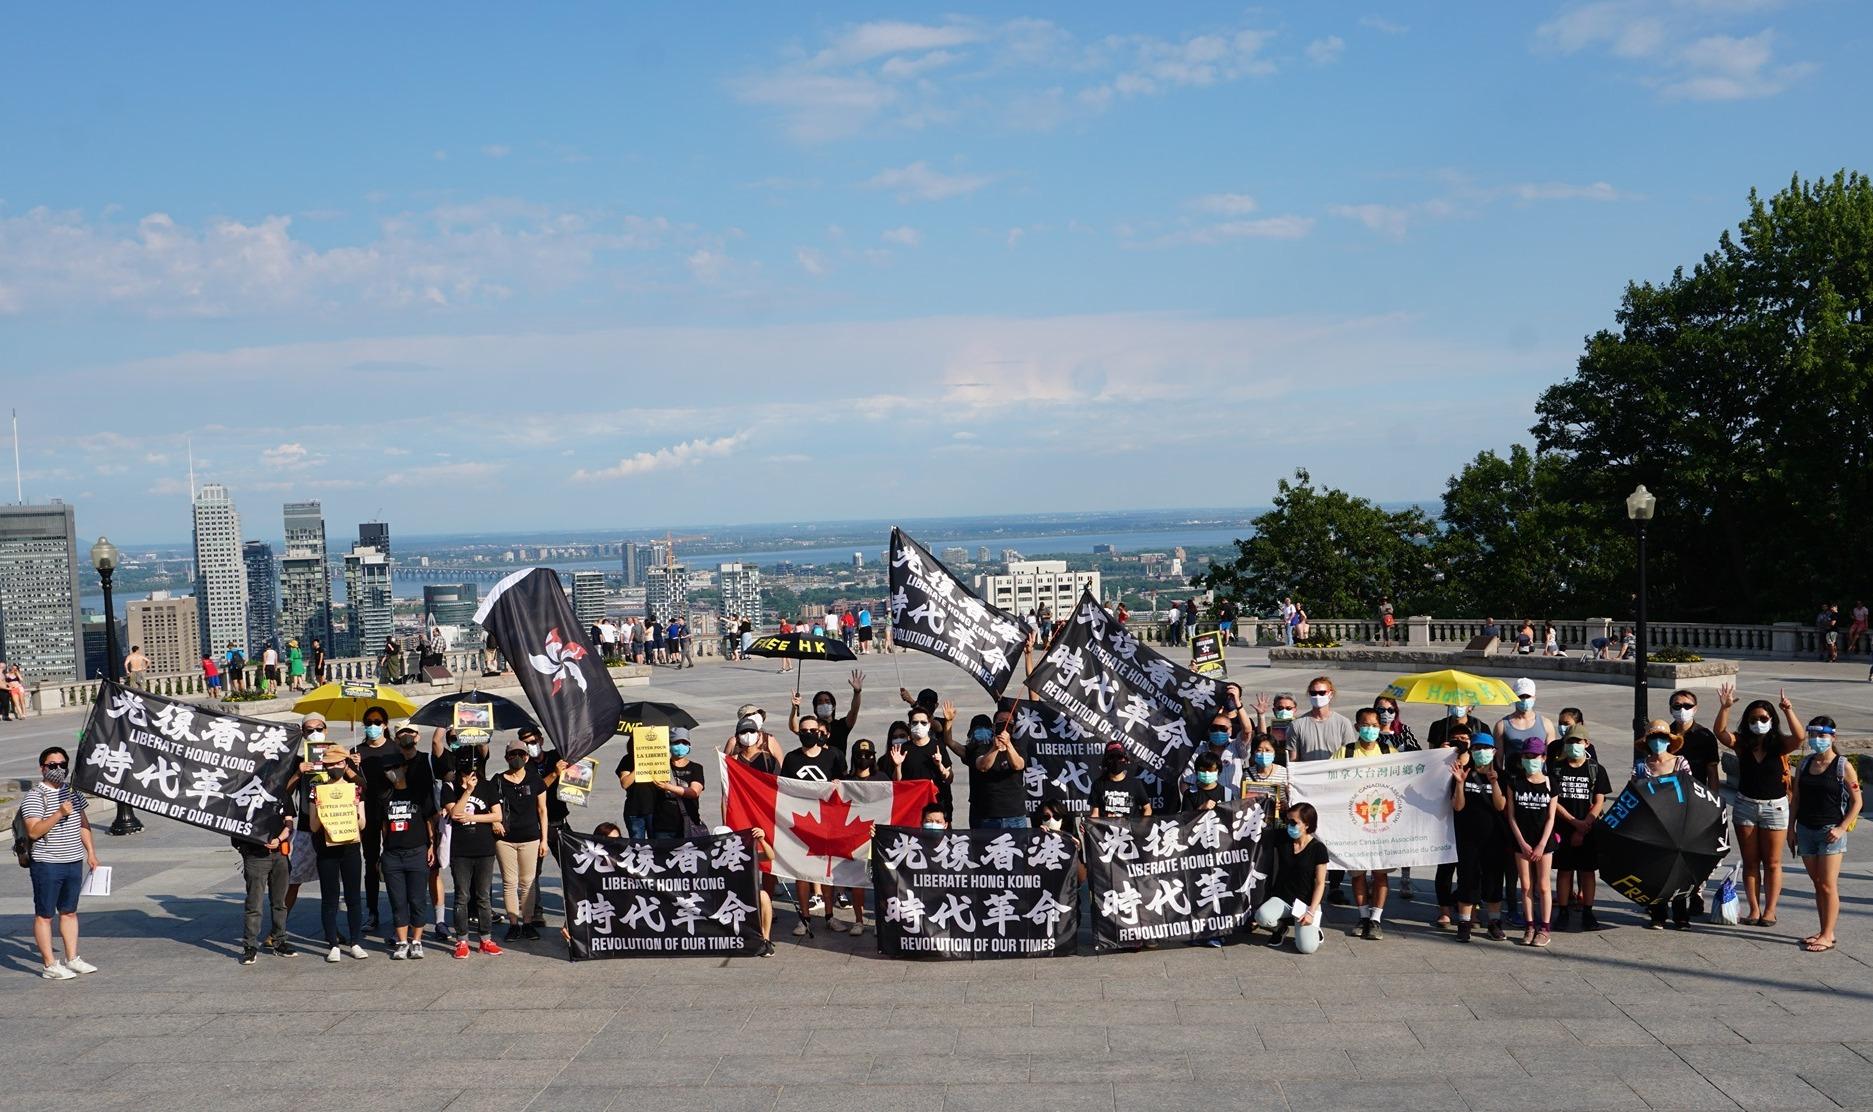 2020年7月1日,滿地可的香港人在Mount Royal公園舉行活動,聲援香港七一遊行,反對香港版國安惡法。(滿地可自由香港行動組提供)